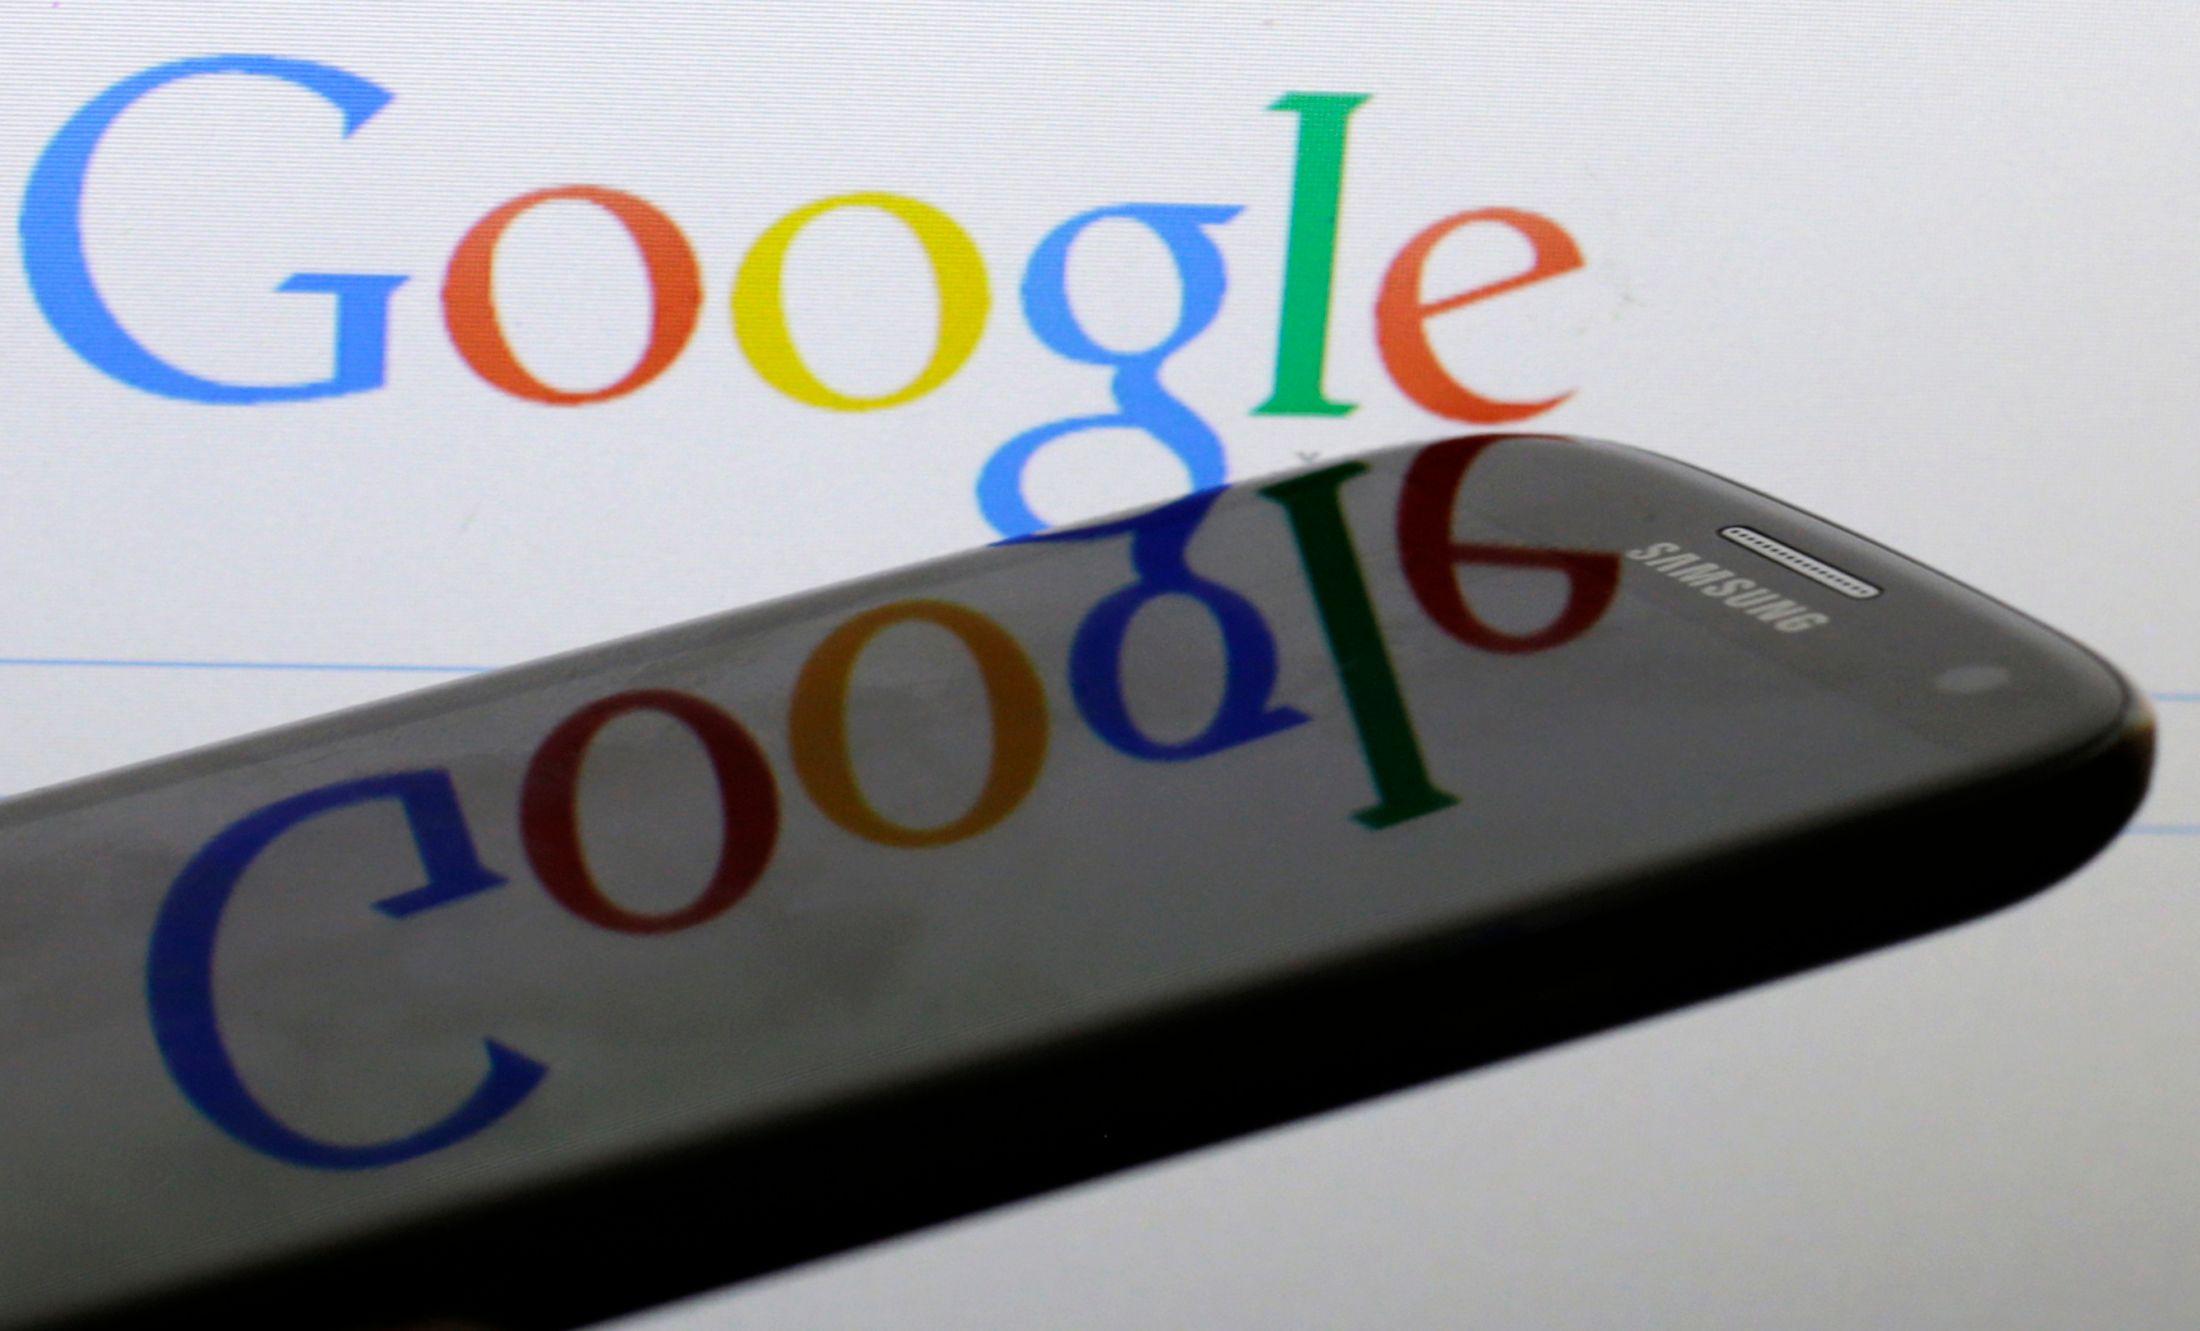 Google : Bruxelles attaque le géant du web pour abus de position dominante